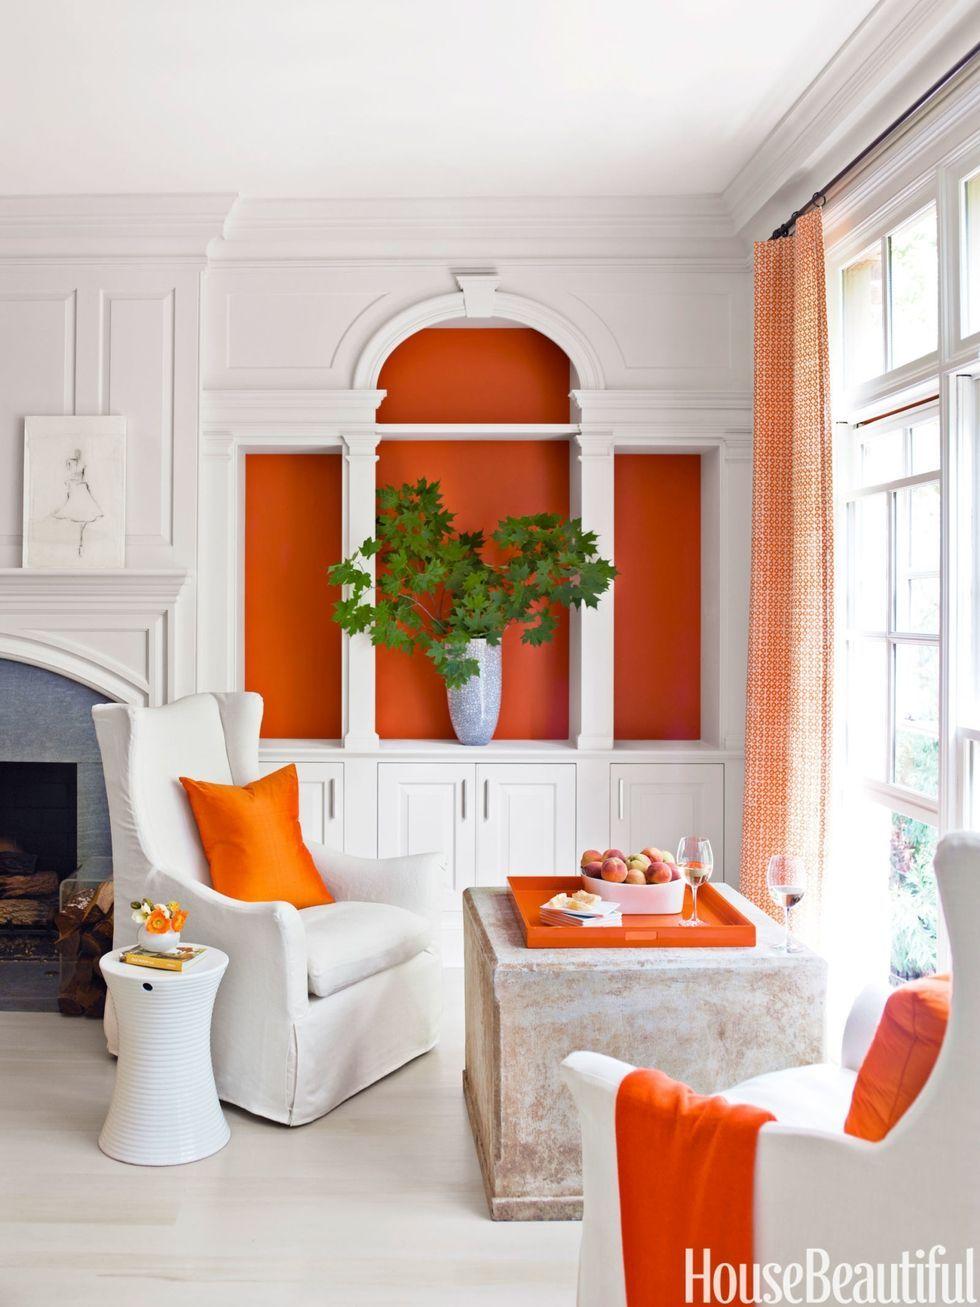 Bathroom interior wall home decor ideas easy decorating home decor make over a room